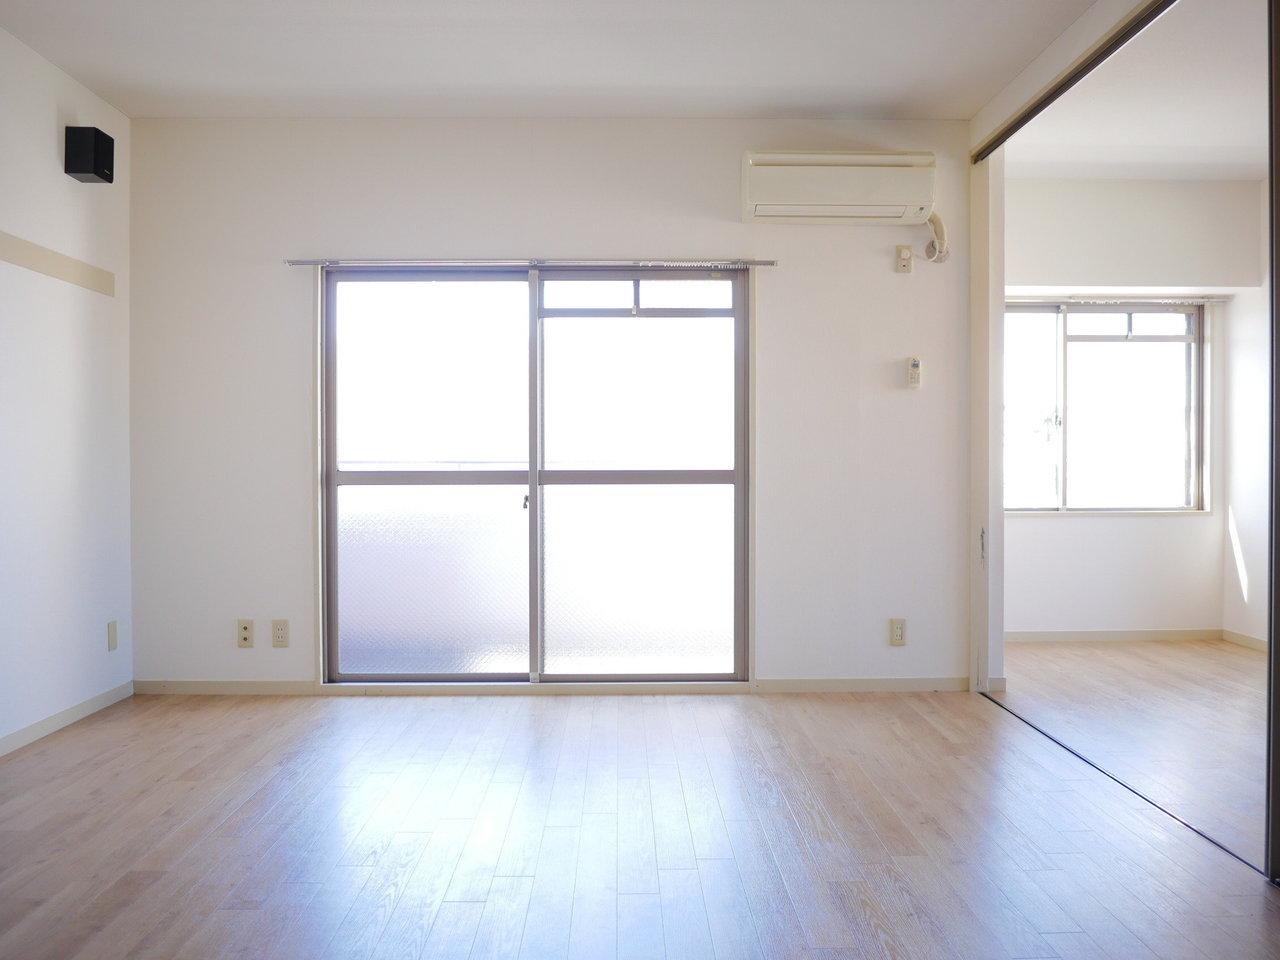 角部屋なので2面採光なのがうれしいお部屋。明るい室内で常に気分も上がりそう。